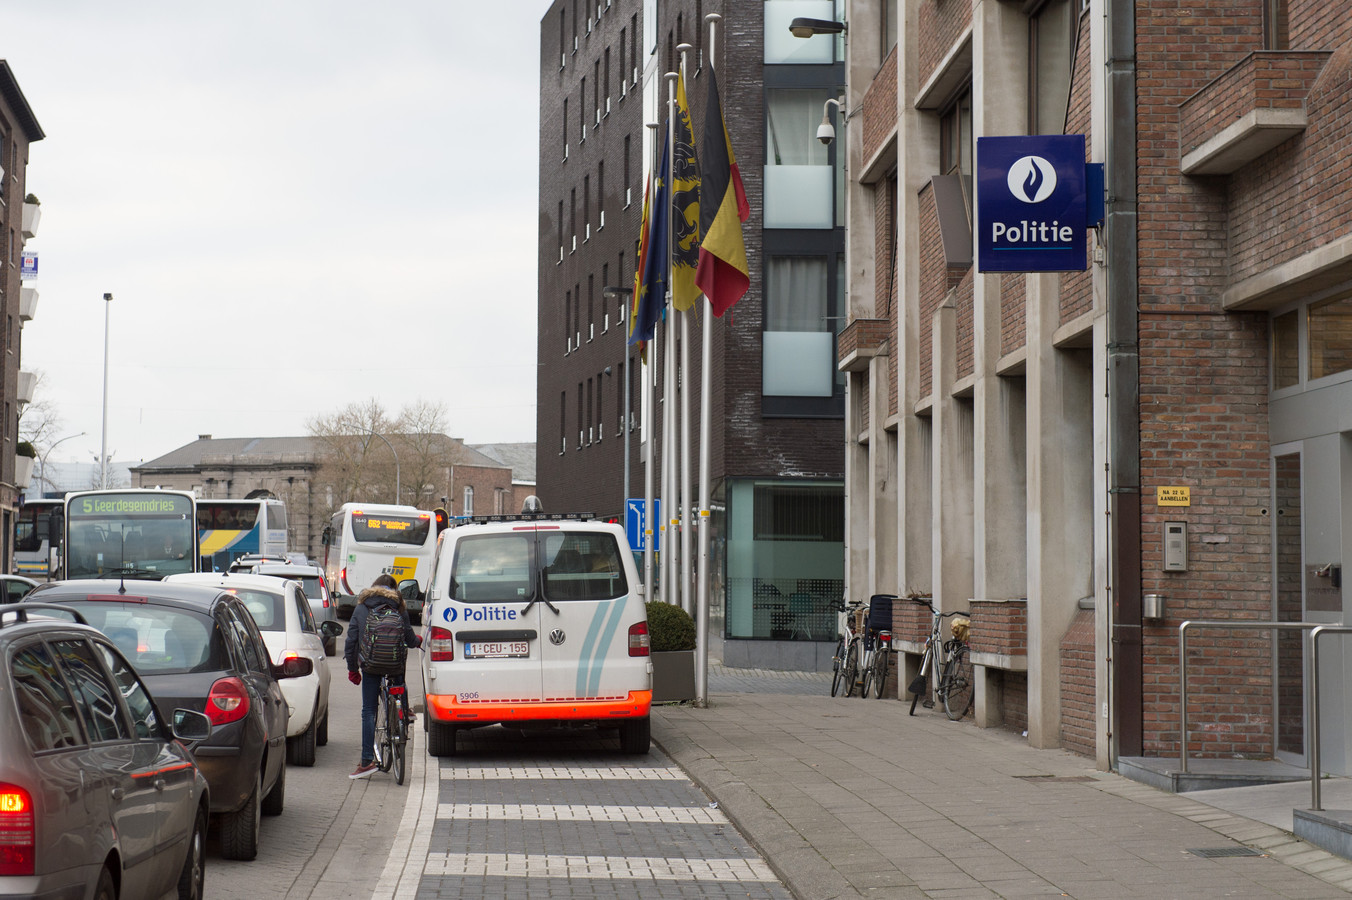 Het politiekantoor van de politiezone Mechelen-Willebroek in de Frederik de Merodestraat in Mechelen.